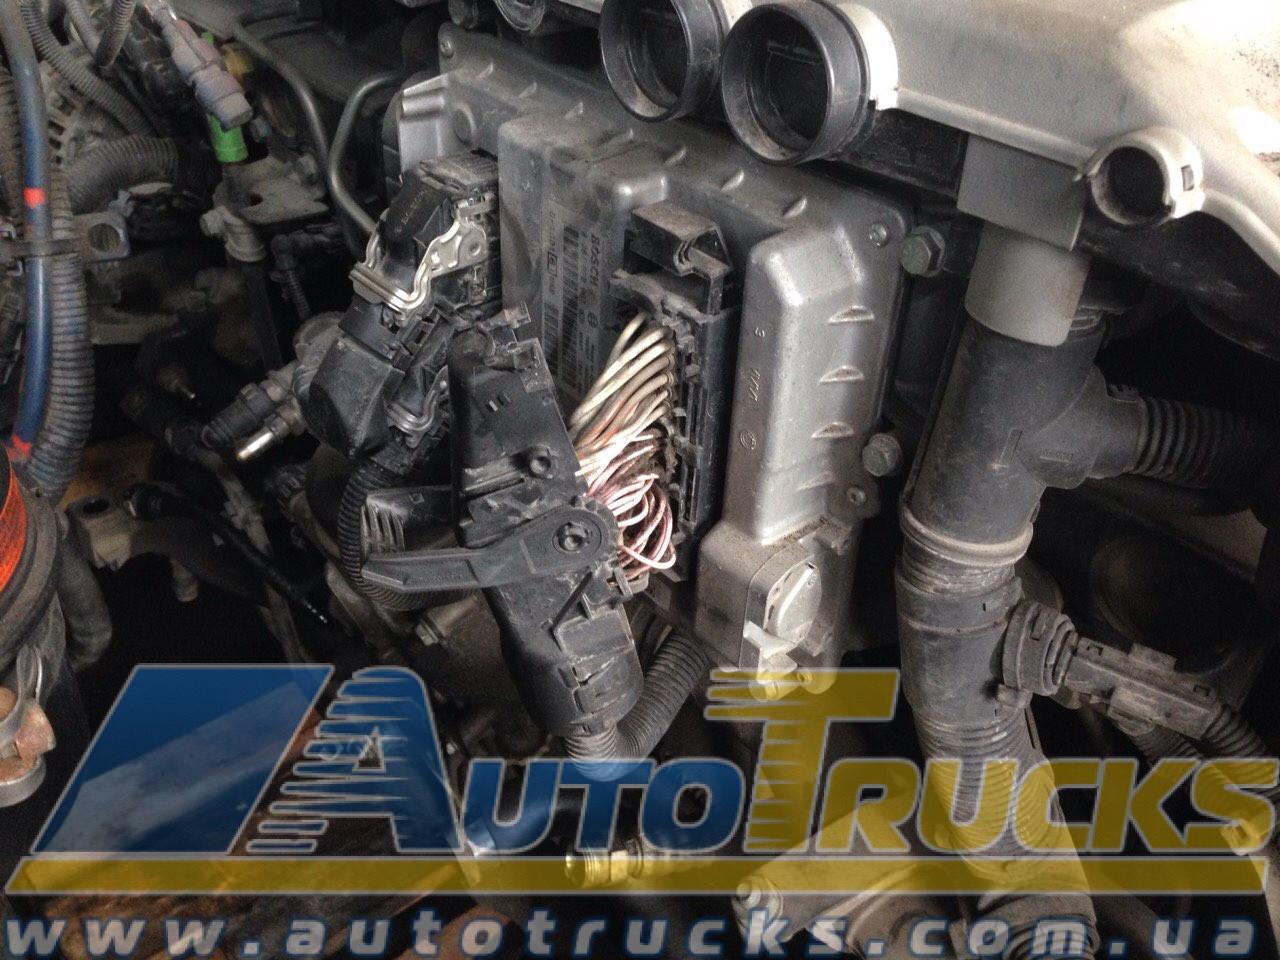 Блок управління Двигуна Б/у для MAN (0281020067; 51519422851945; 51258037524; 51978010229)